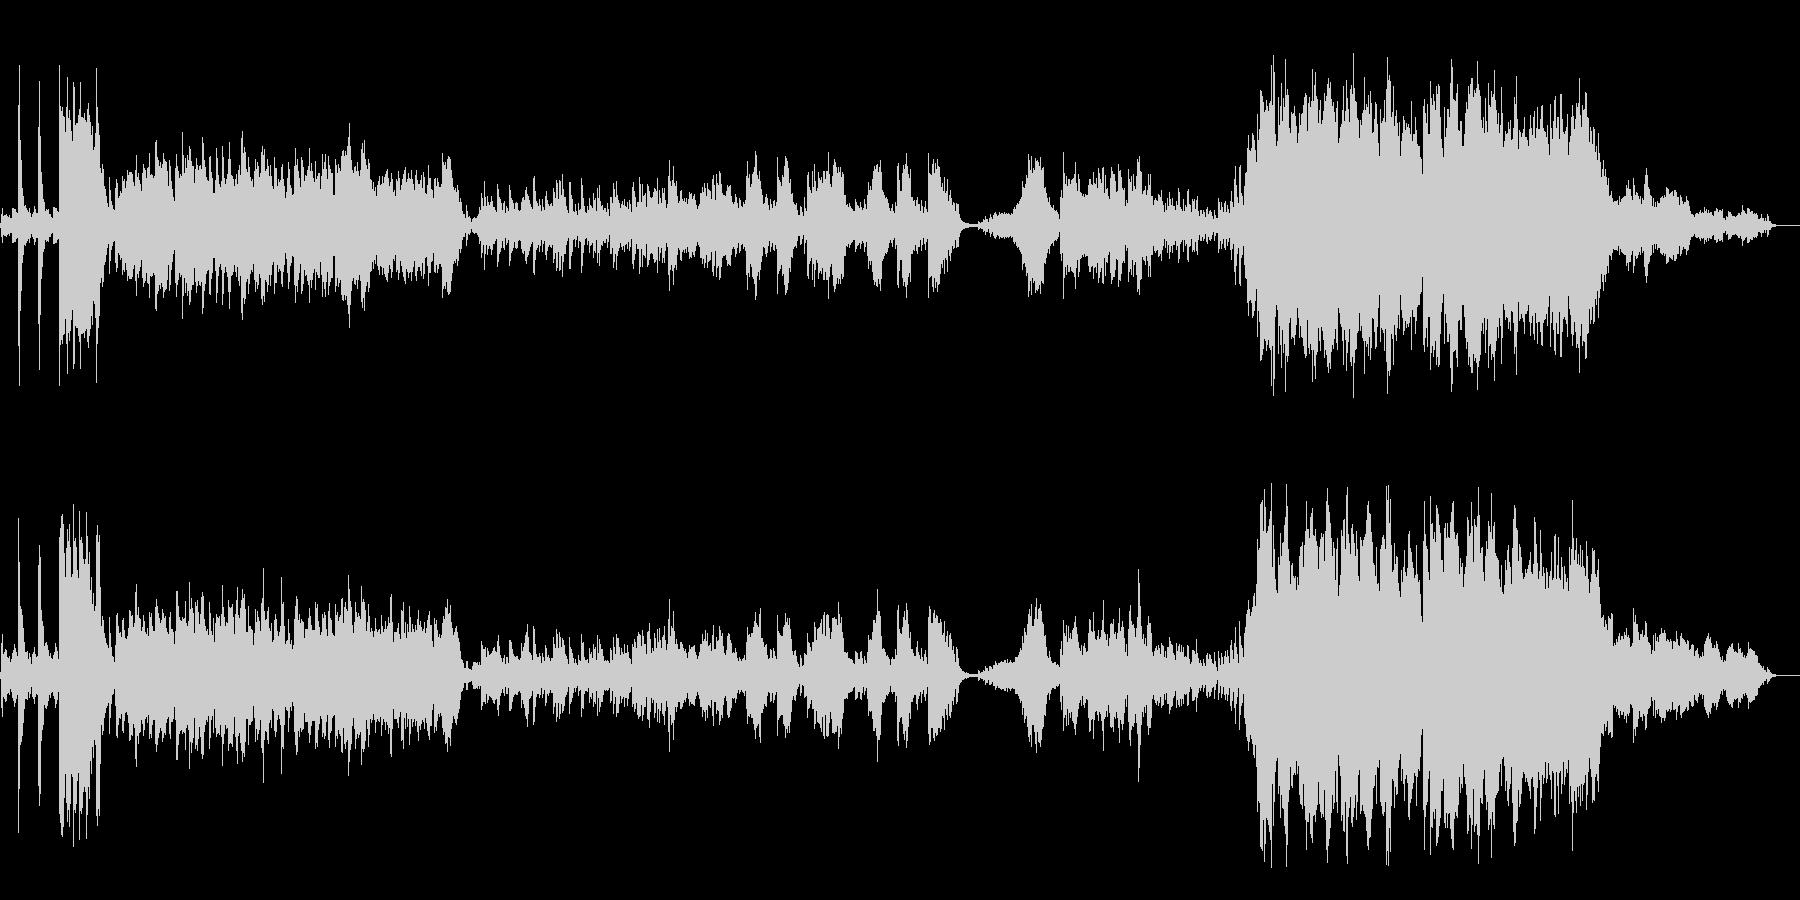 チャイコフスキー ピアノ協奏曲 第1番の未再生の波形